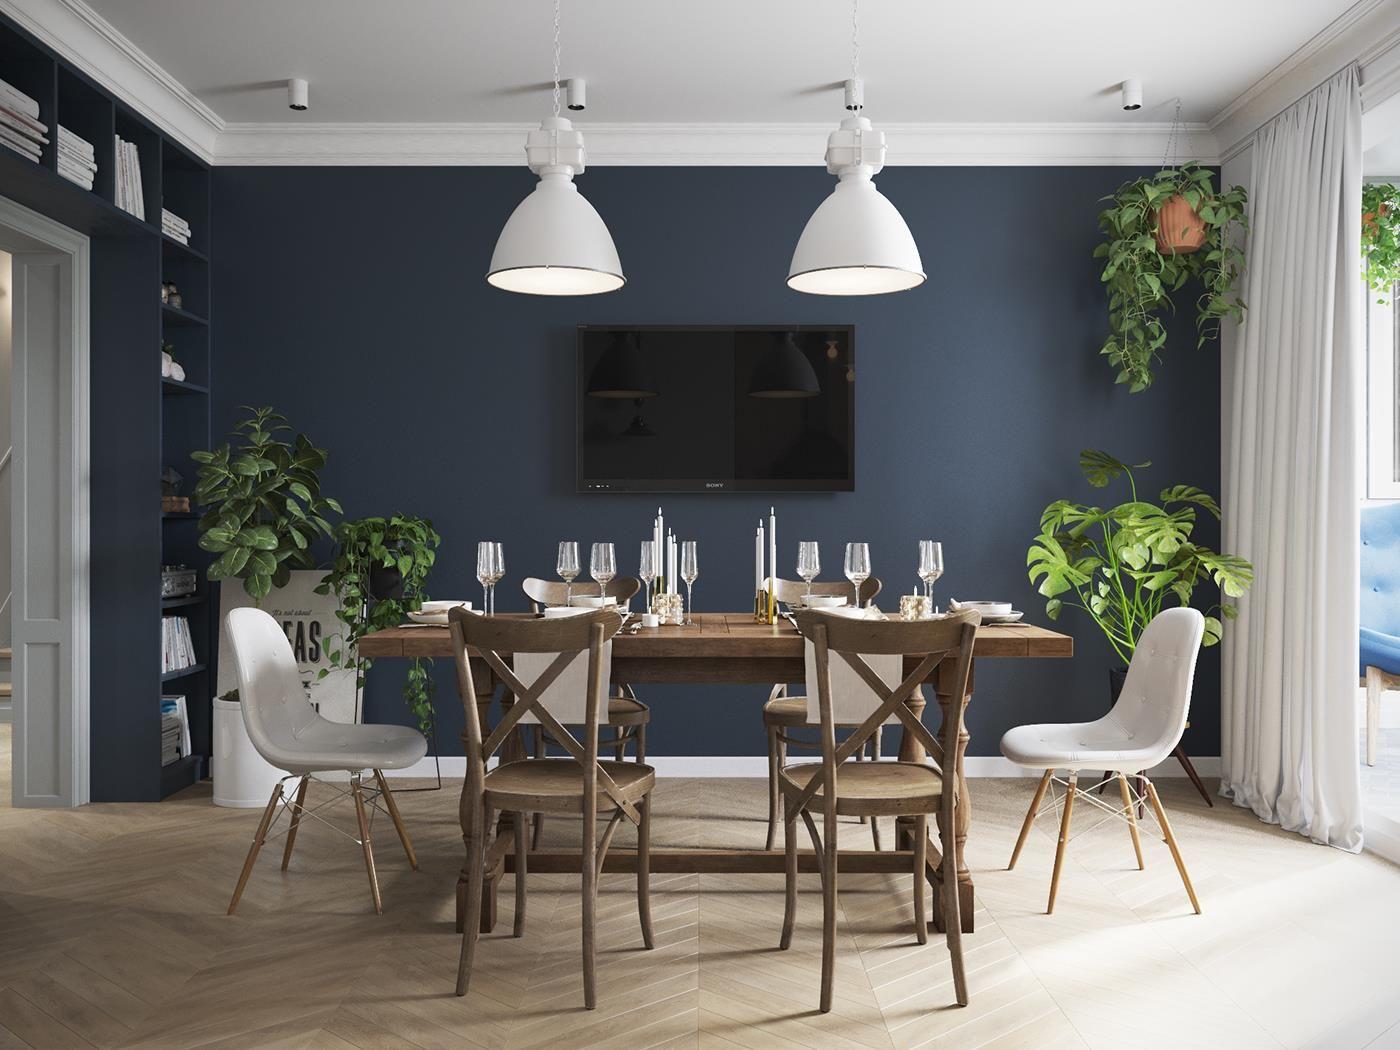 Une salle manger d pareill e avec la table et chaises en - Table de salle a manger avec chaises ...